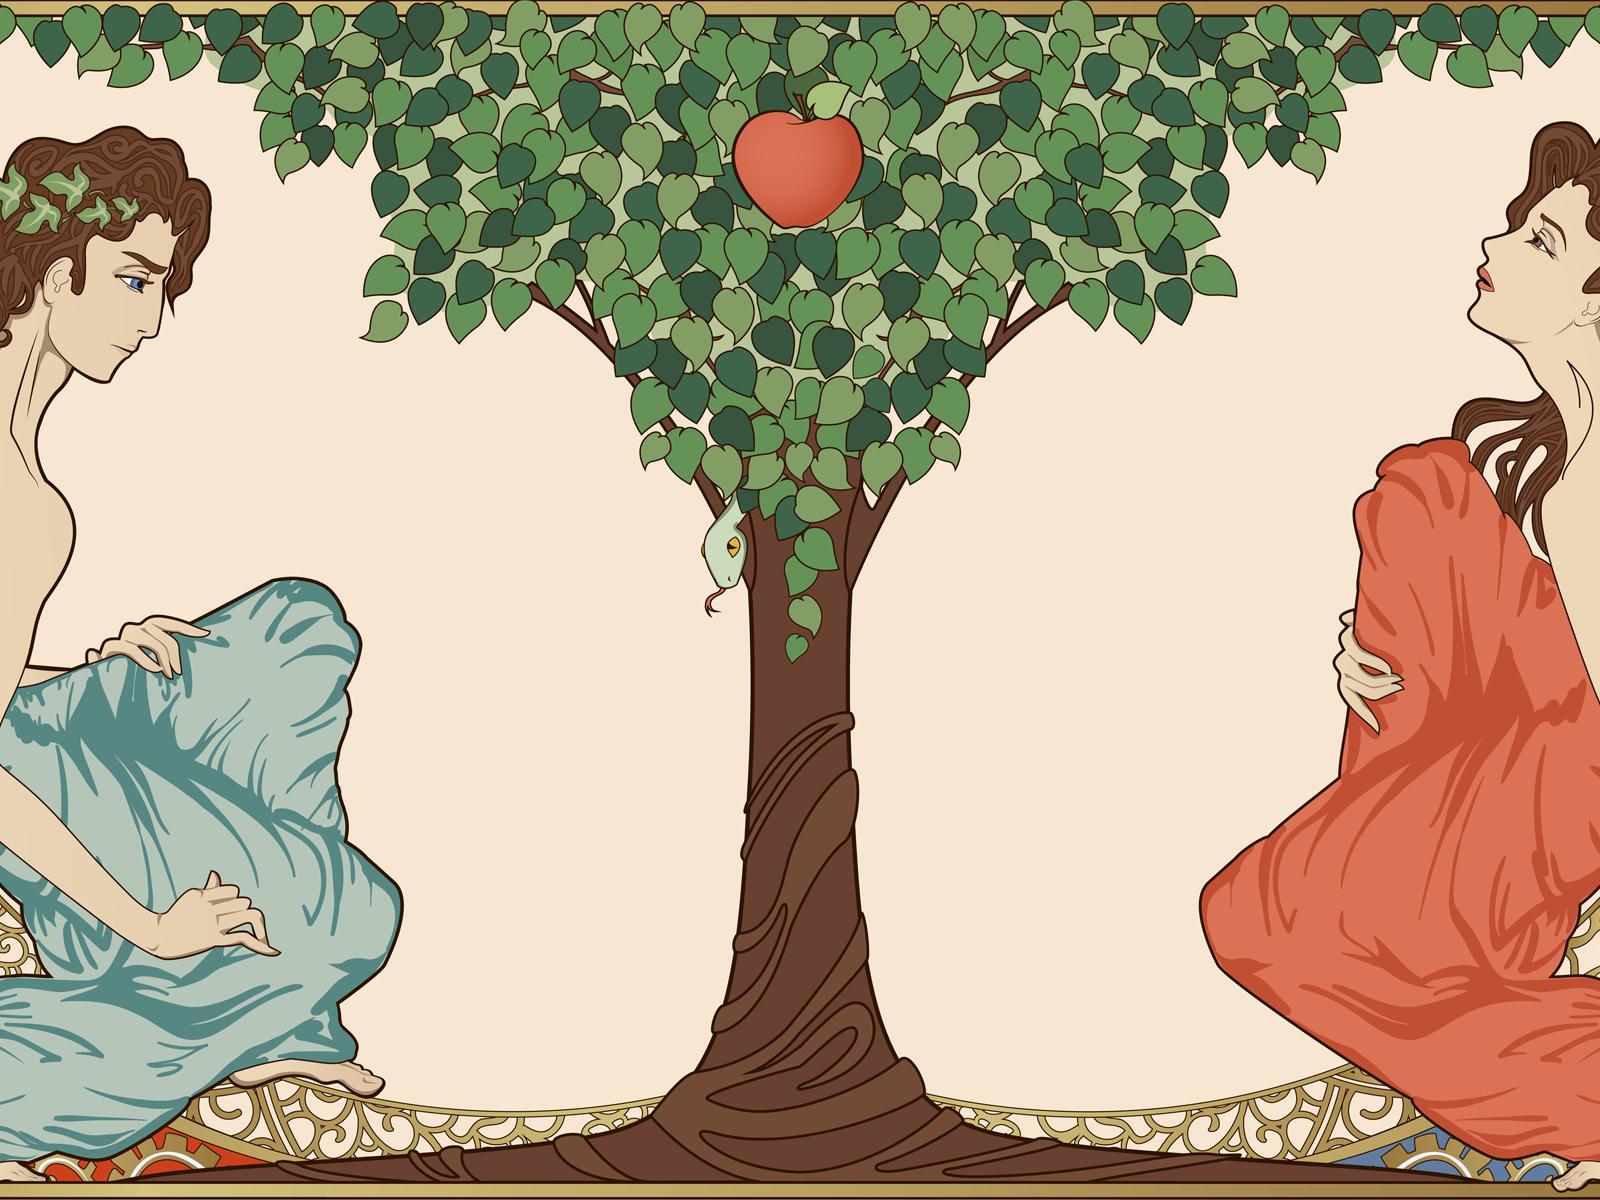 Como seria a vida humana sem o pecado original